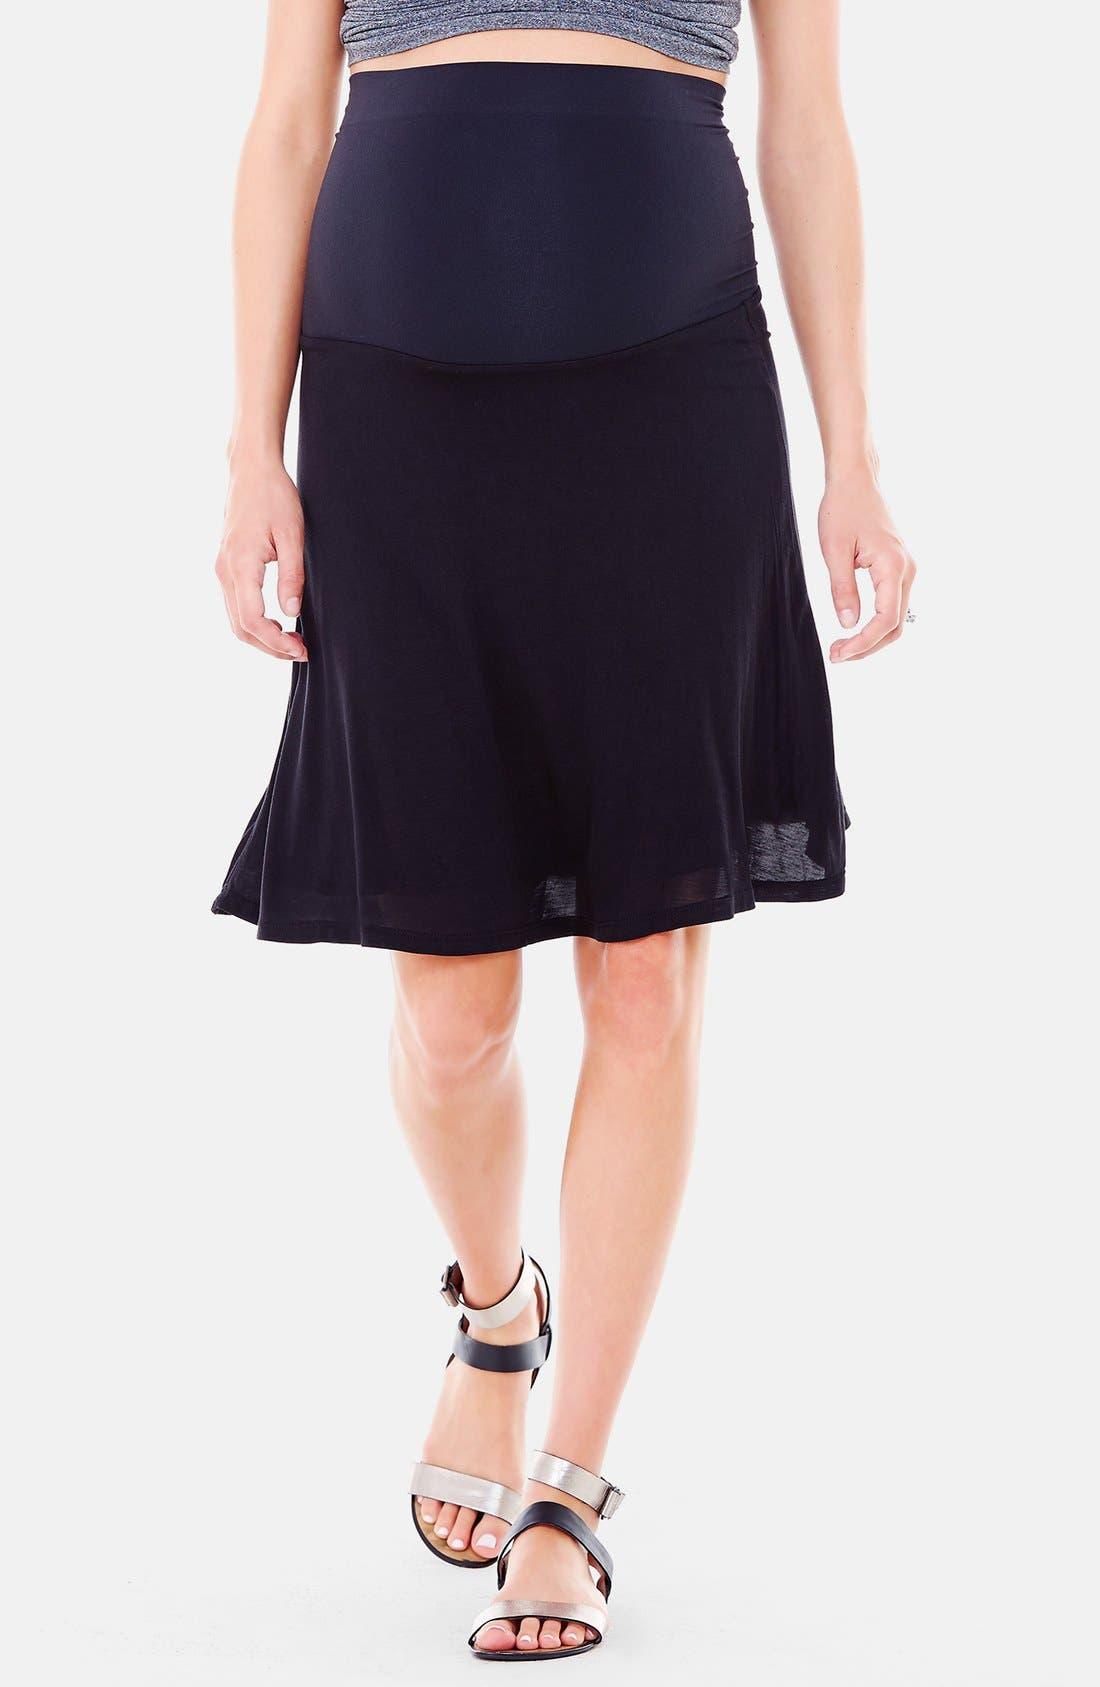 Main Image - Ingrid & Isabel® 'Flowy' Maternity Skirt